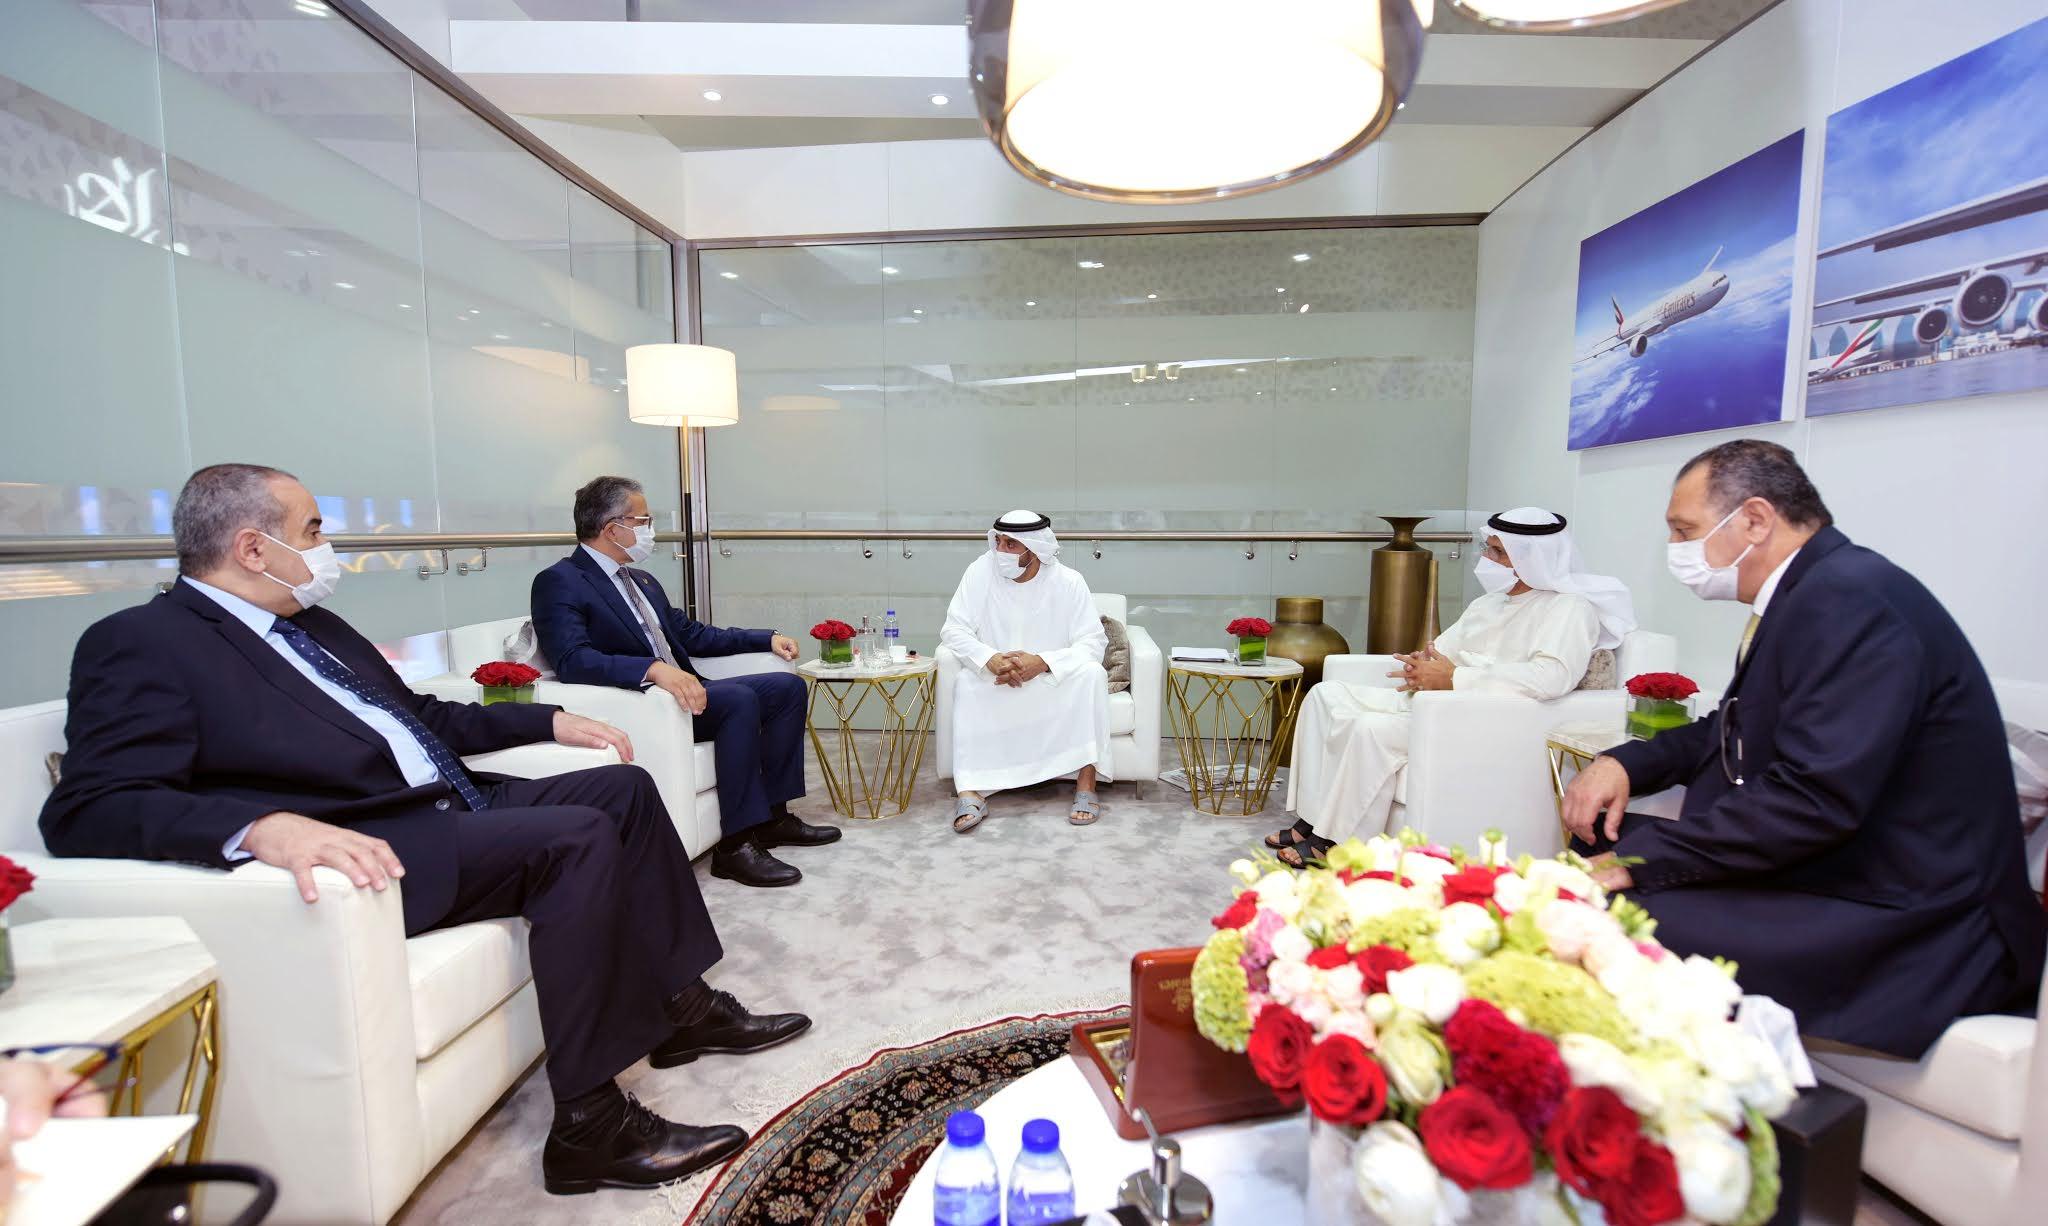 أحمد بن سعيد يستقبل وفداً حكومياً مصرياً في سوق السفر العربي بدبي